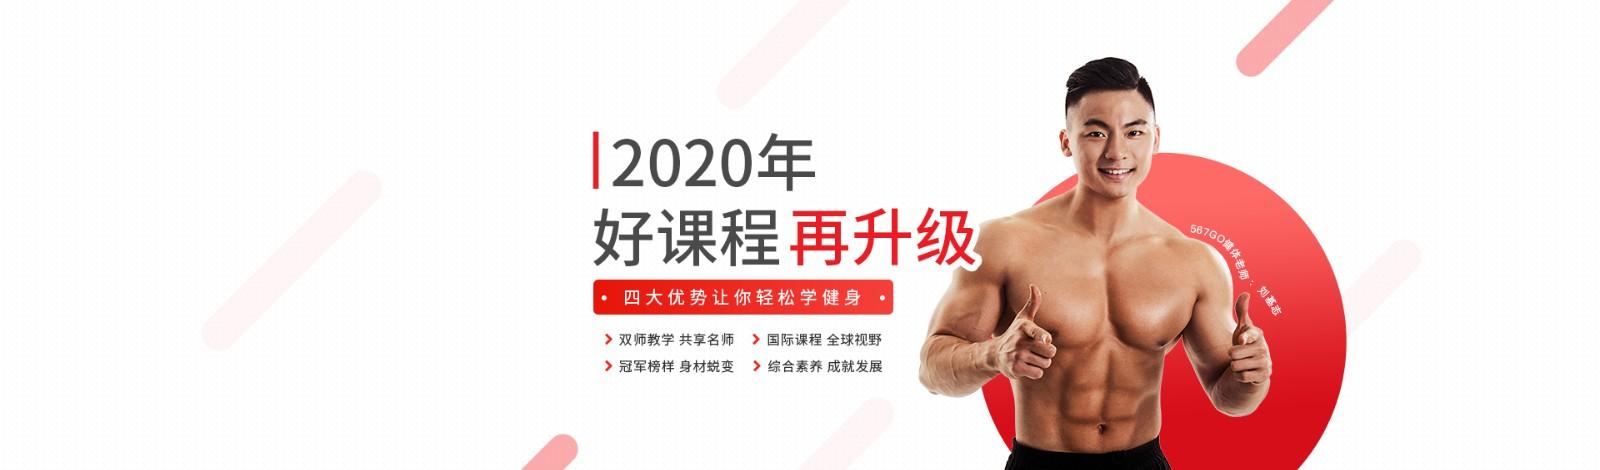 大连567GO健身学院 横幅广告